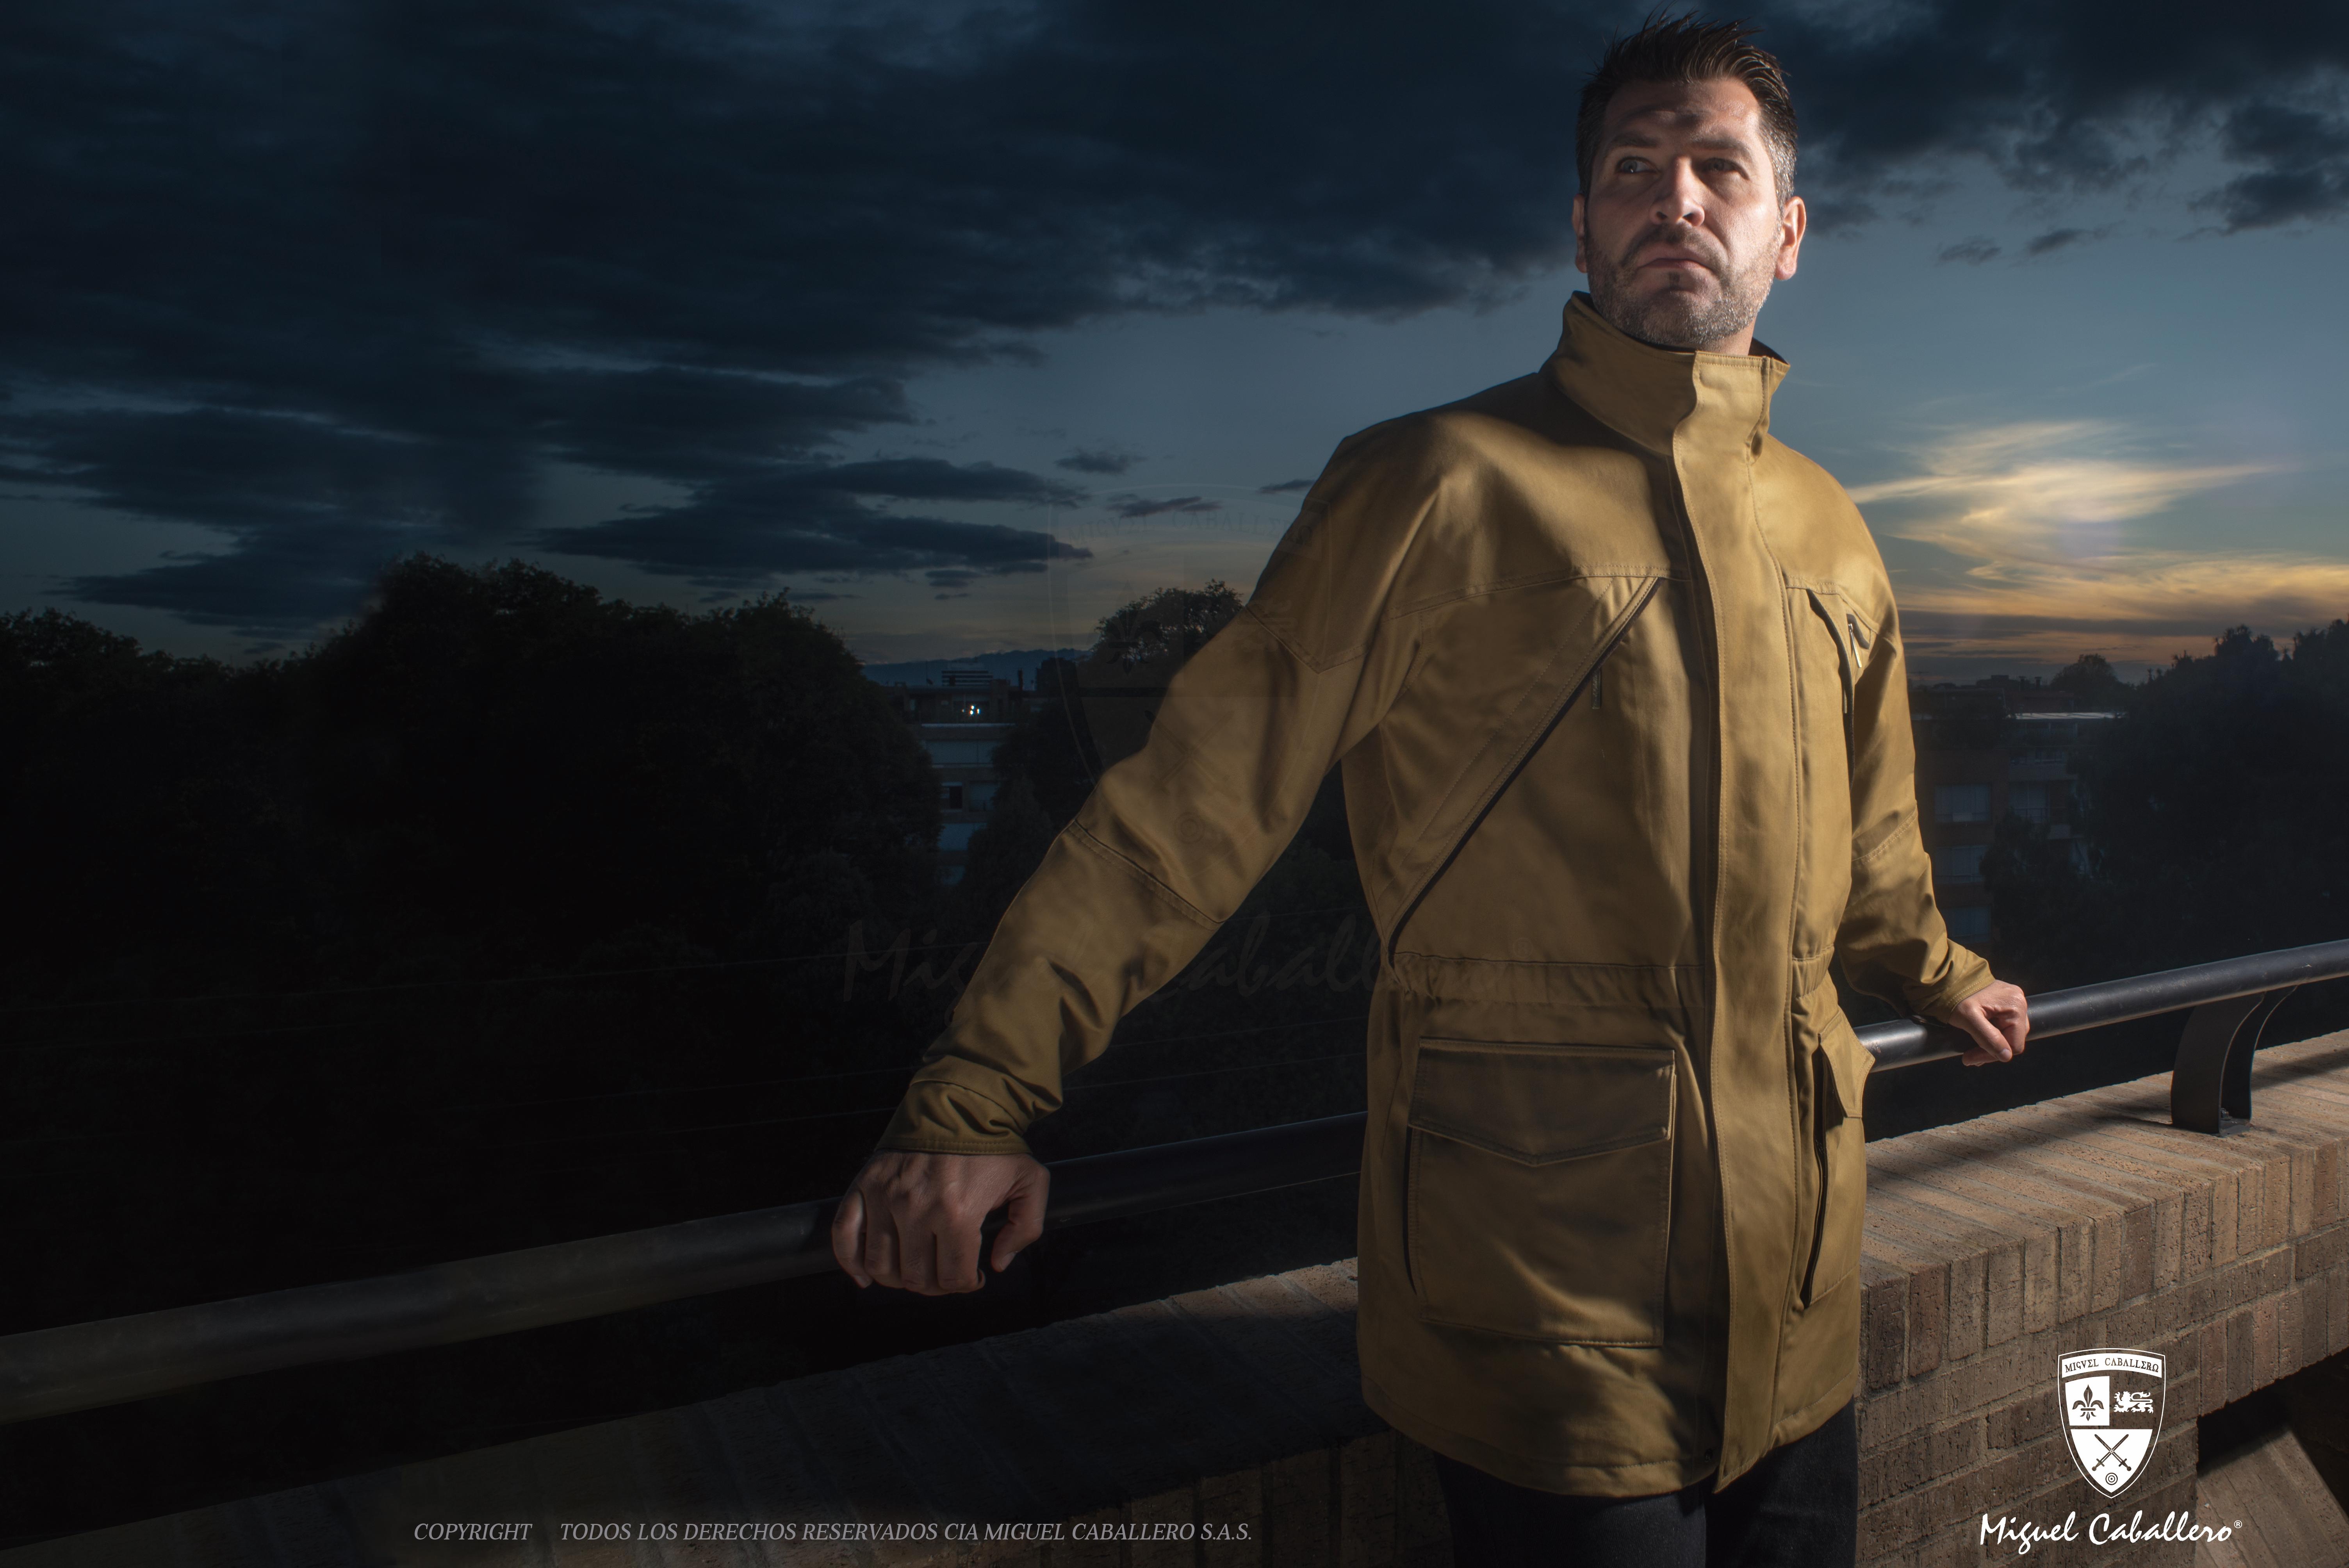 Inside America's Growing Bulletproof Clothing Industry